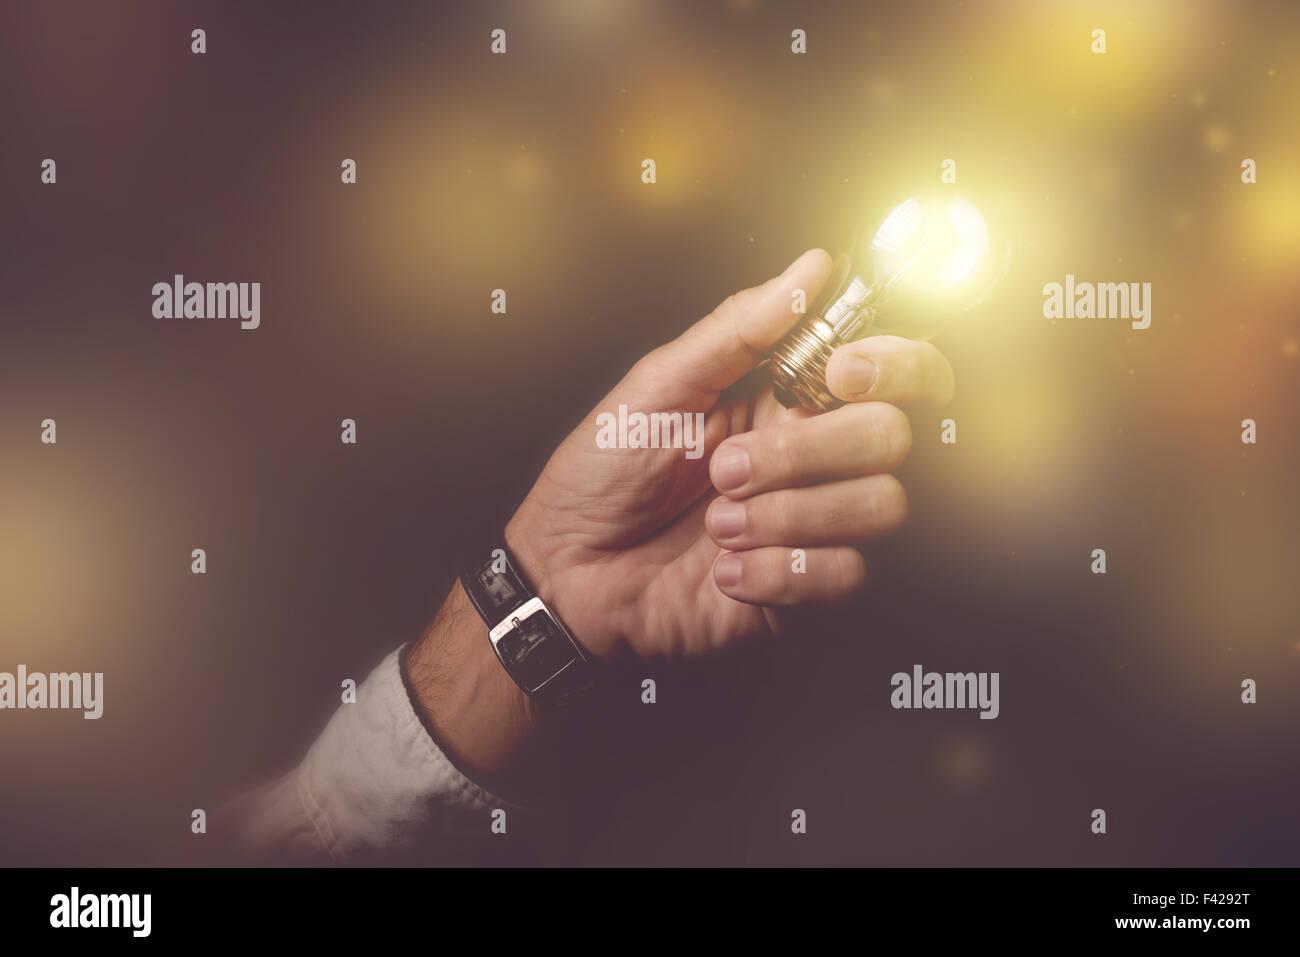 Großes Geschäft Idee visuelle Metapher, Geschäftsmann mit Glühbirne Blitz der dunklen Büro Interieur, Retro-getönten Stockfoto